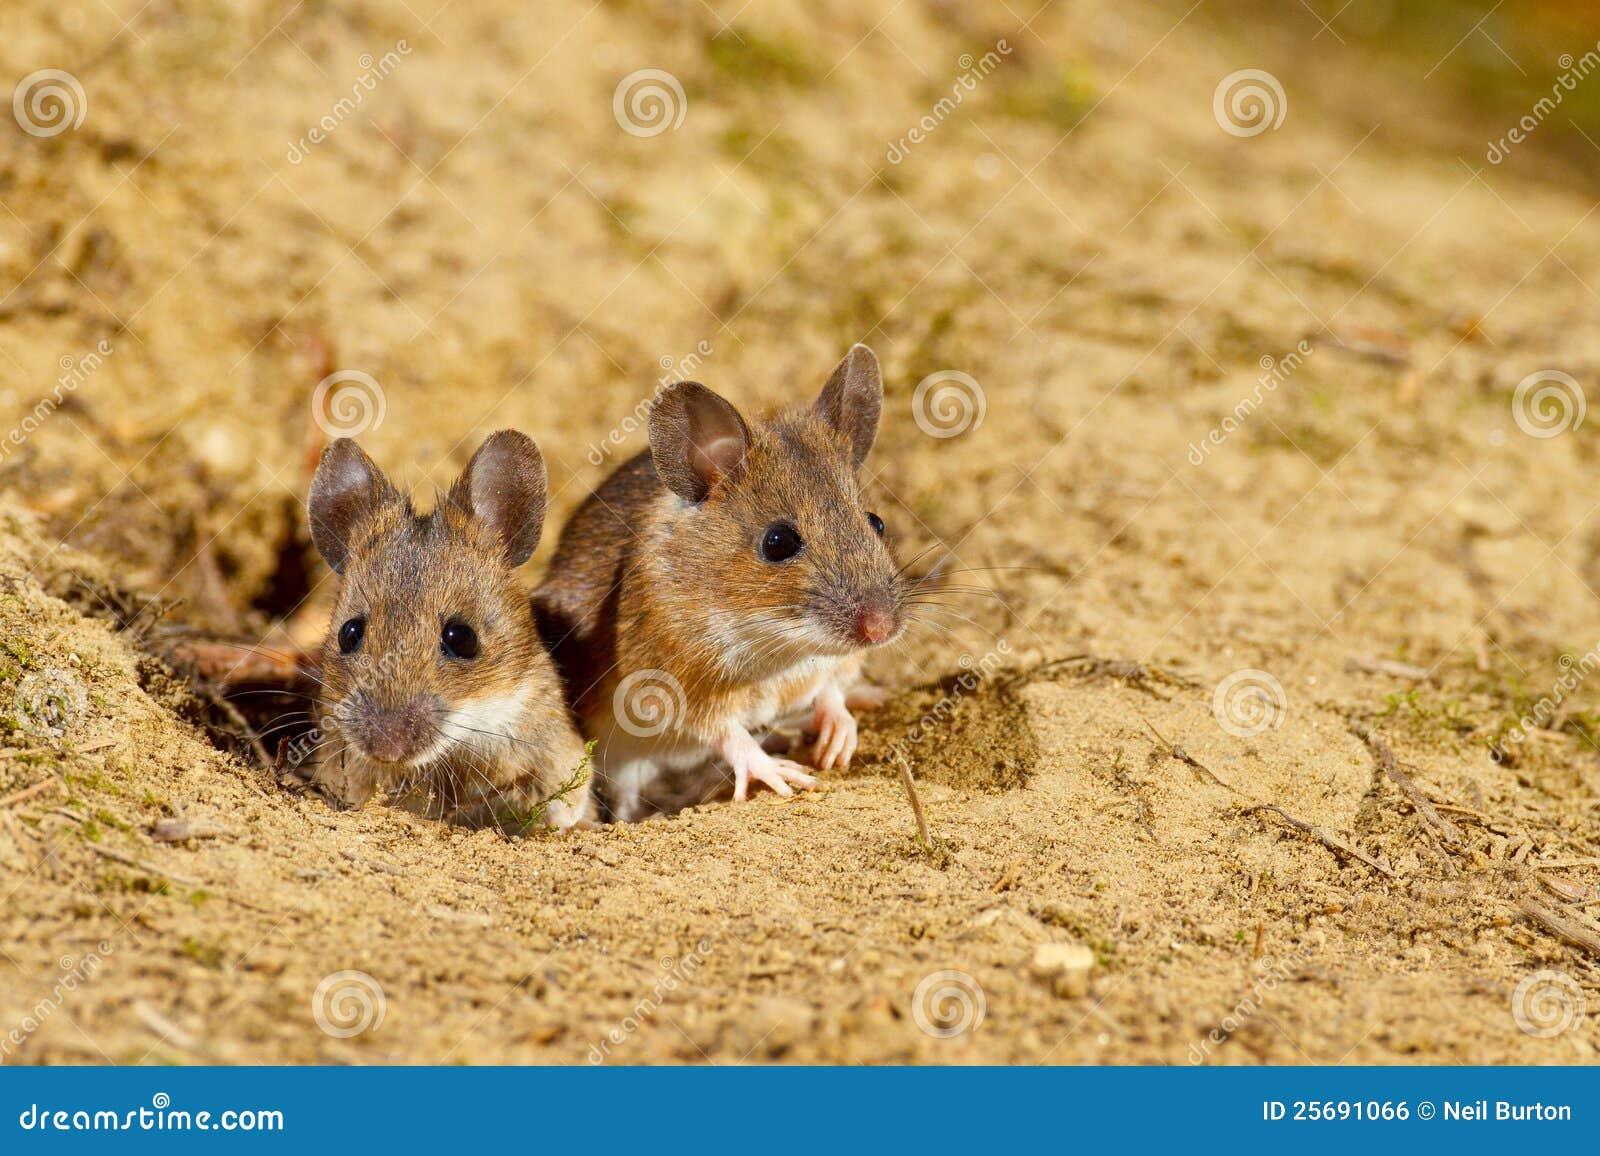 Paille De Fer Souris souris en bois photo stock. image du rongeur, arbres - 25691066